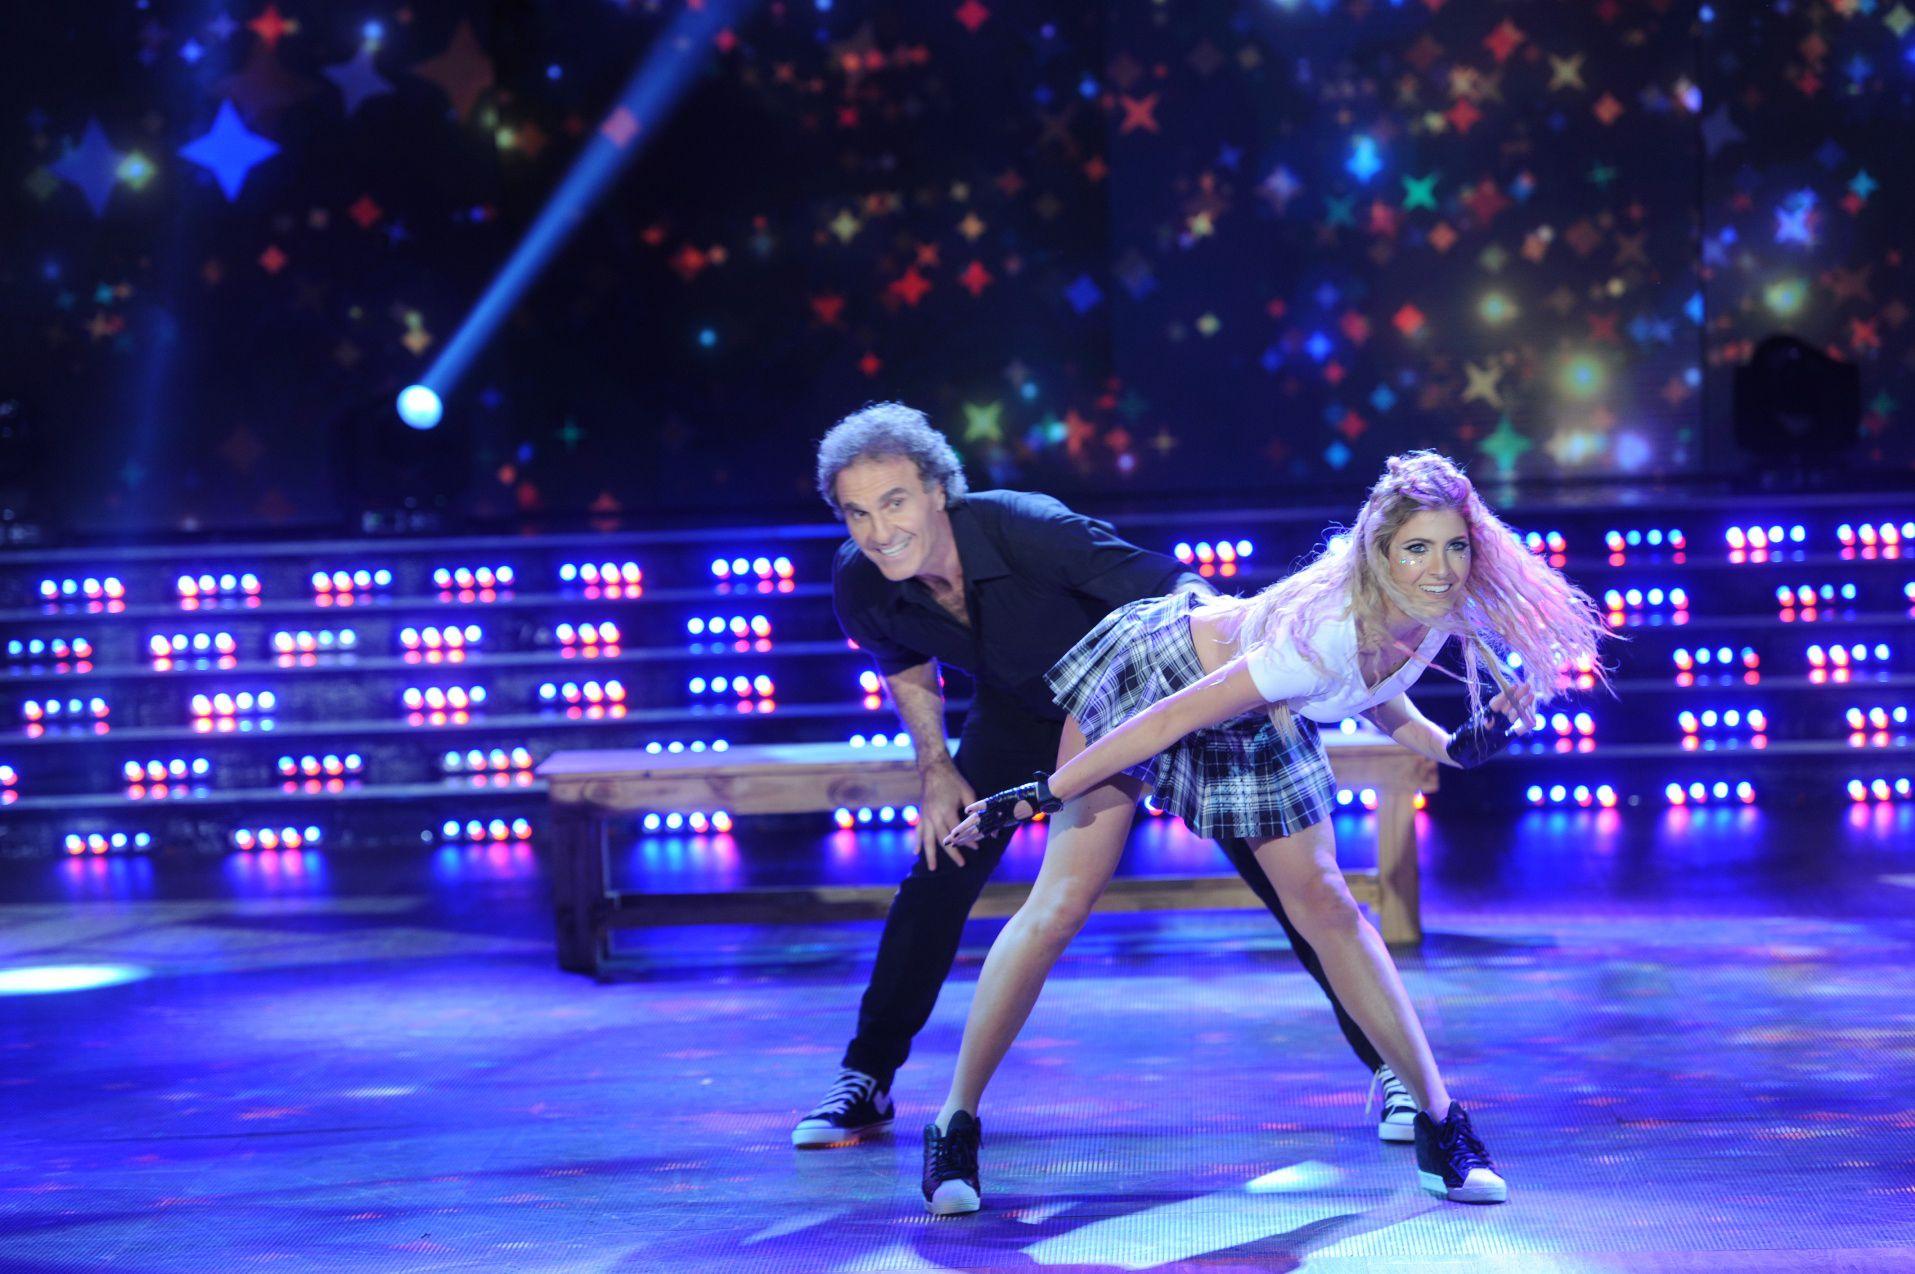 El Street pop de Oscar y Cande Ruggeri: malas criticas de Pampita y De Brito